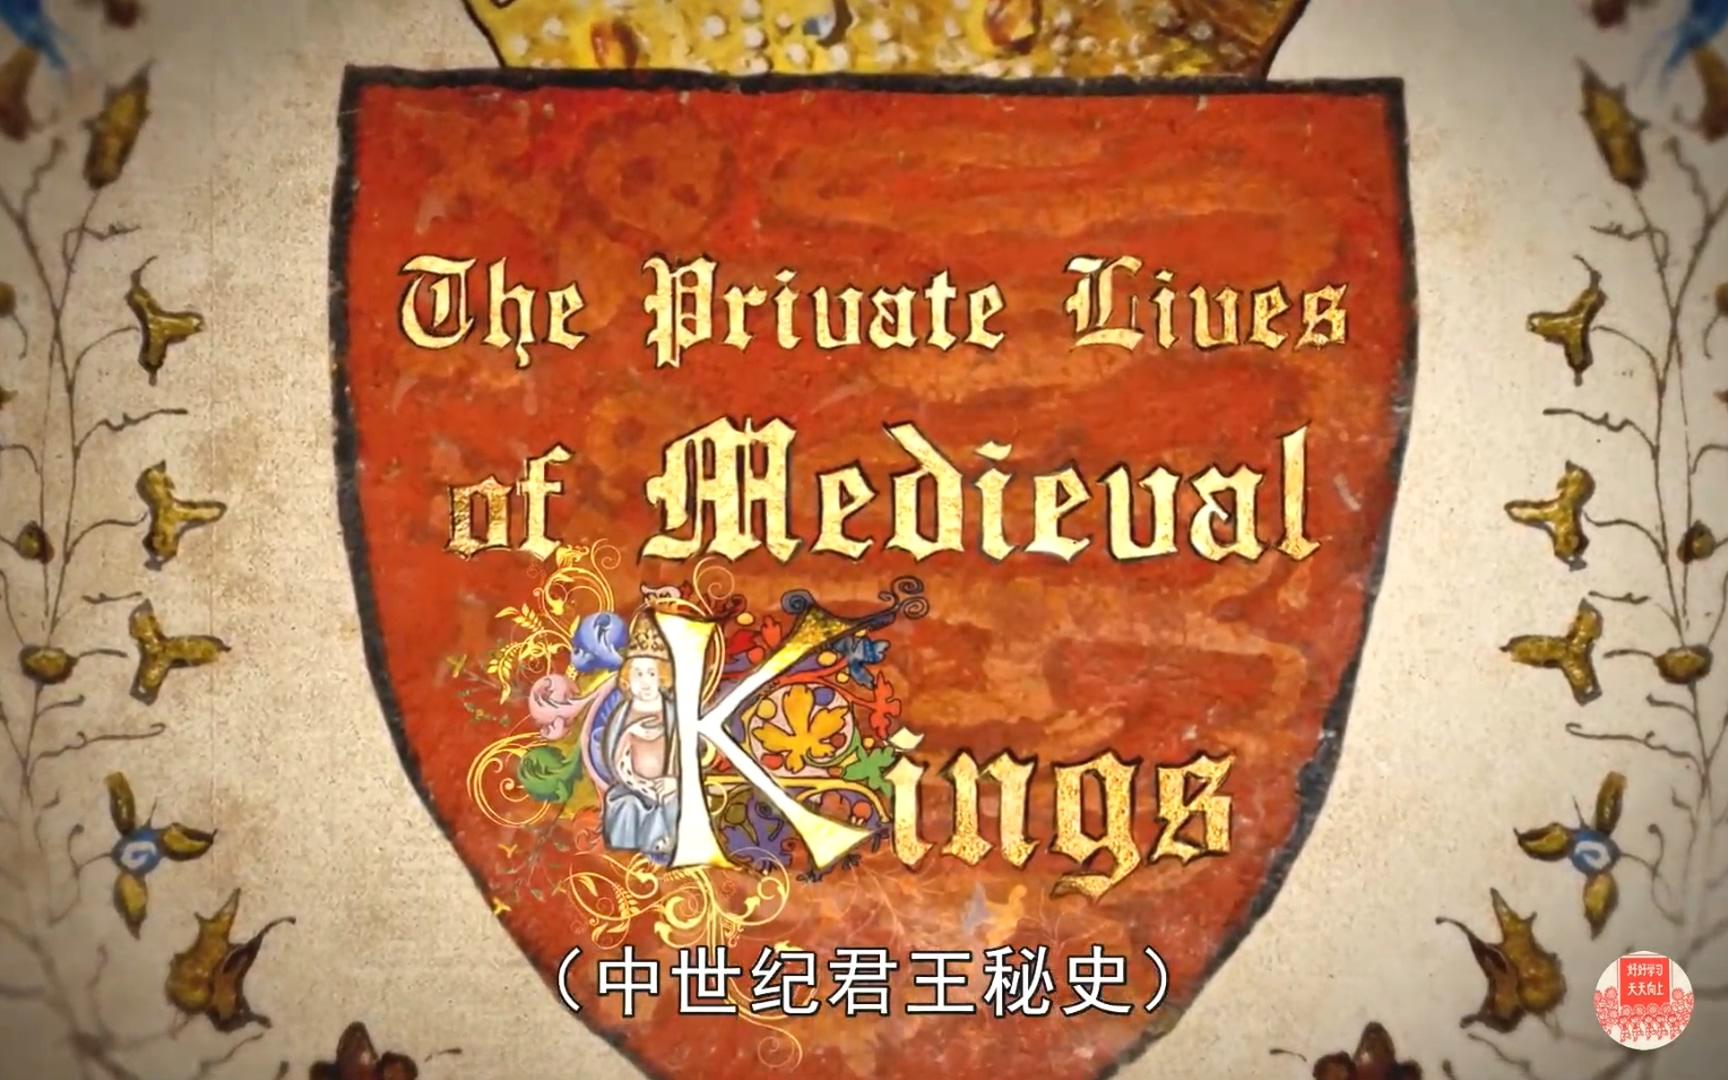 纪录片 中世纪国王秘史 第3集 中英双语字幕 1080P